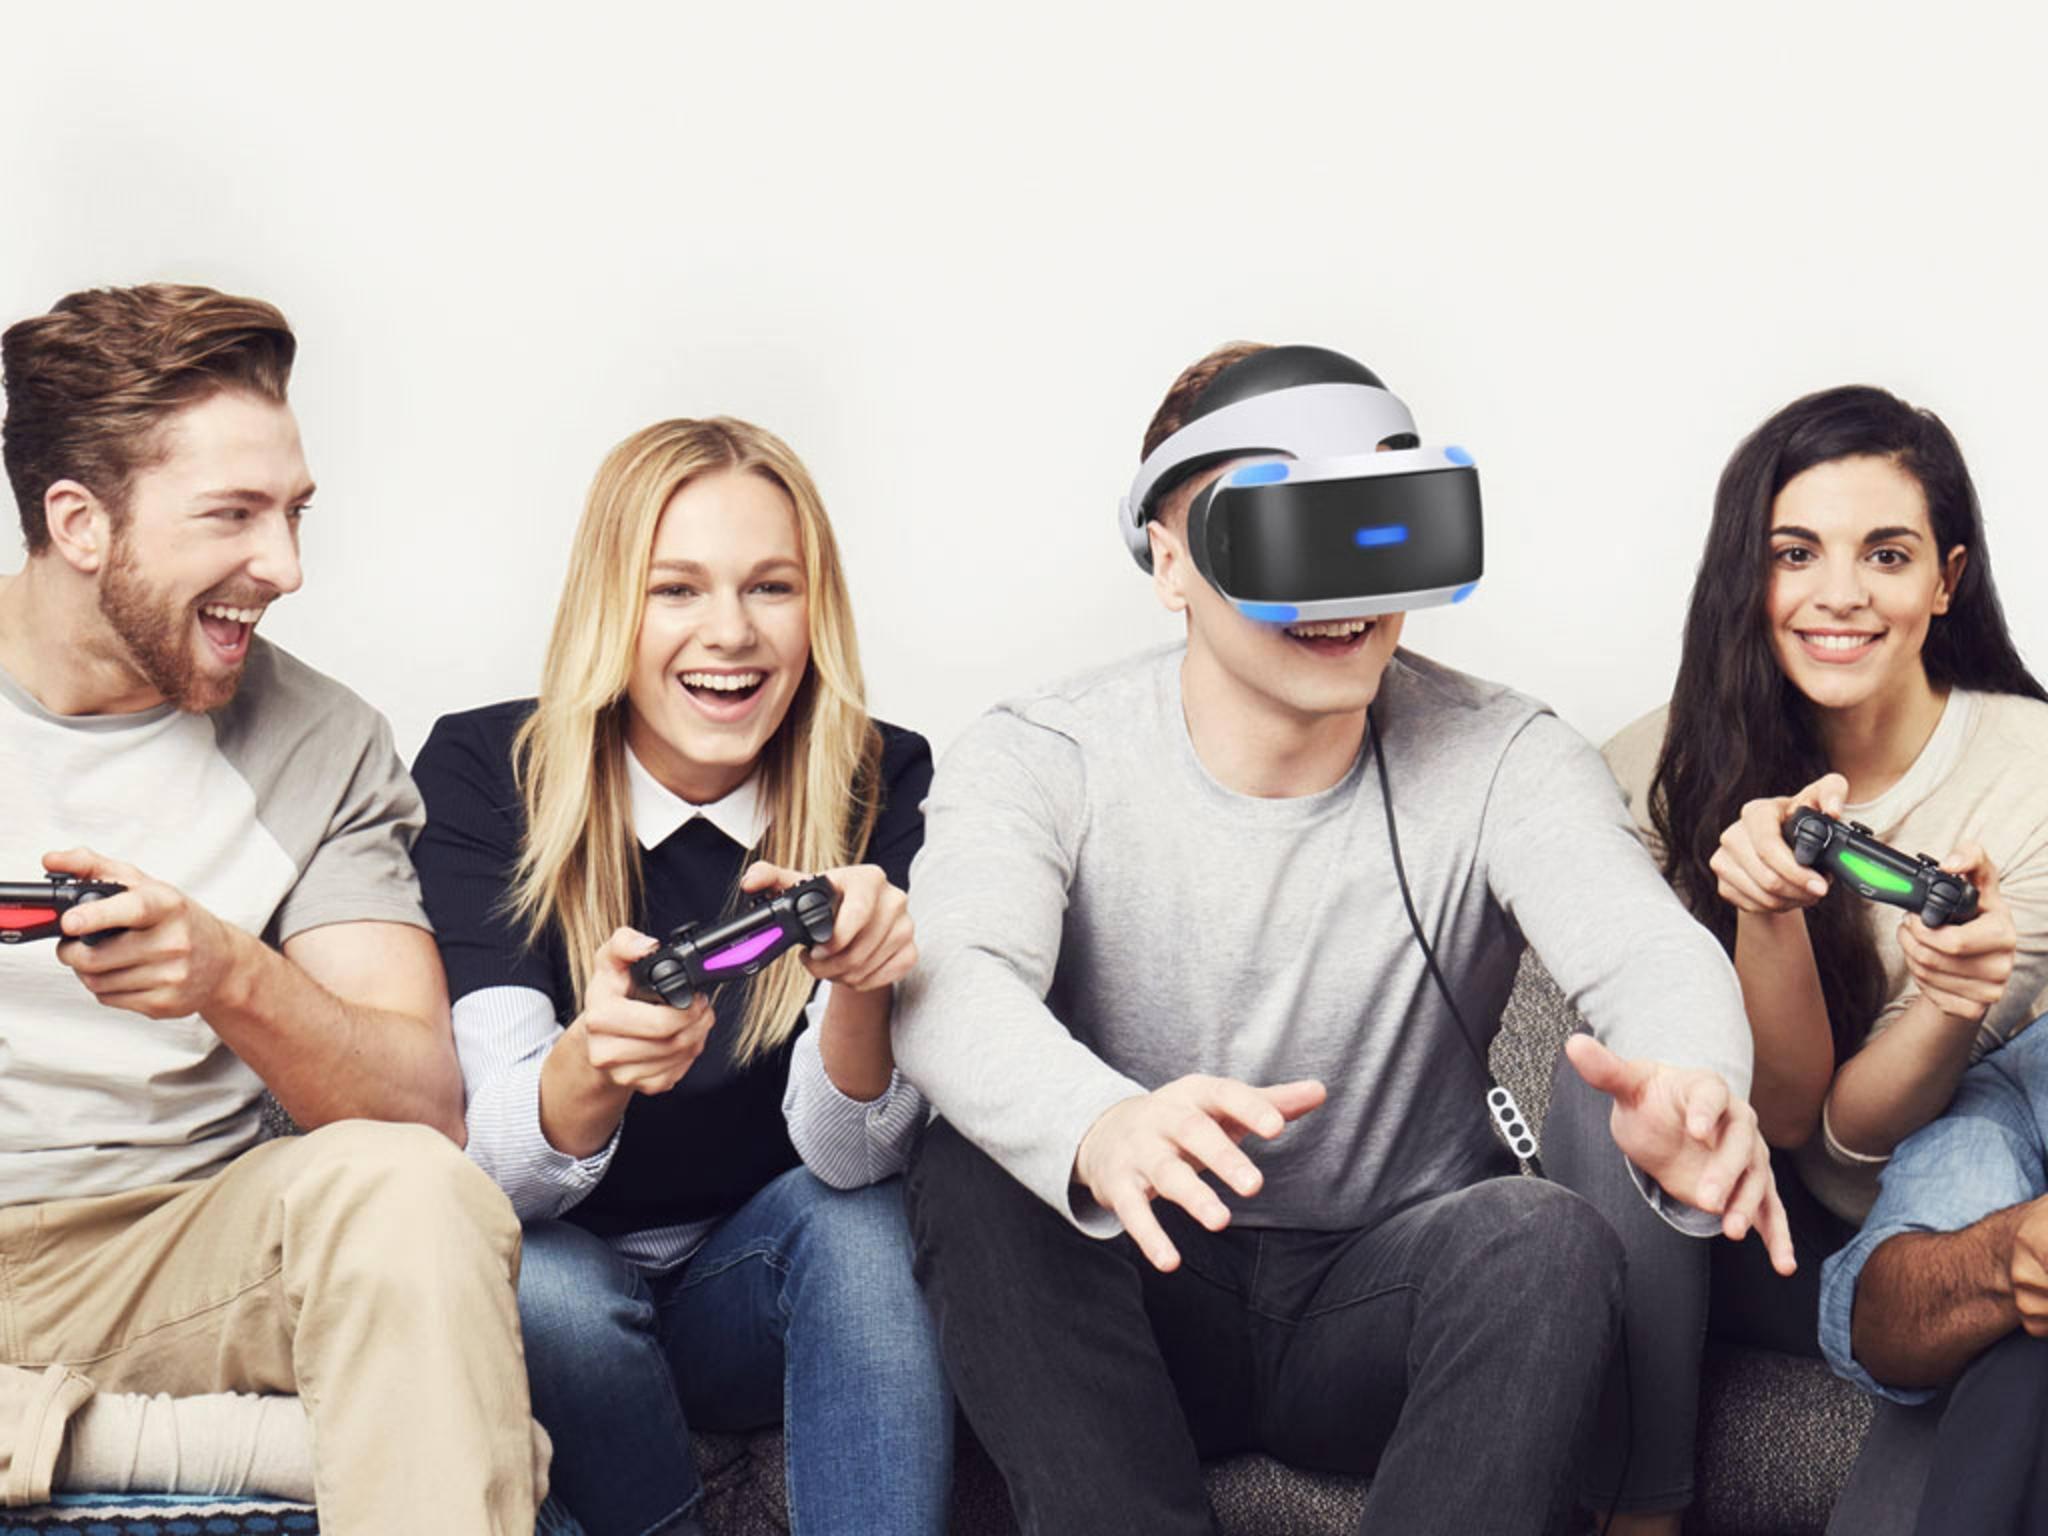 IMAX möchte mit seinen VR-Kinos Virtual Reality für Zuhause überbieten.